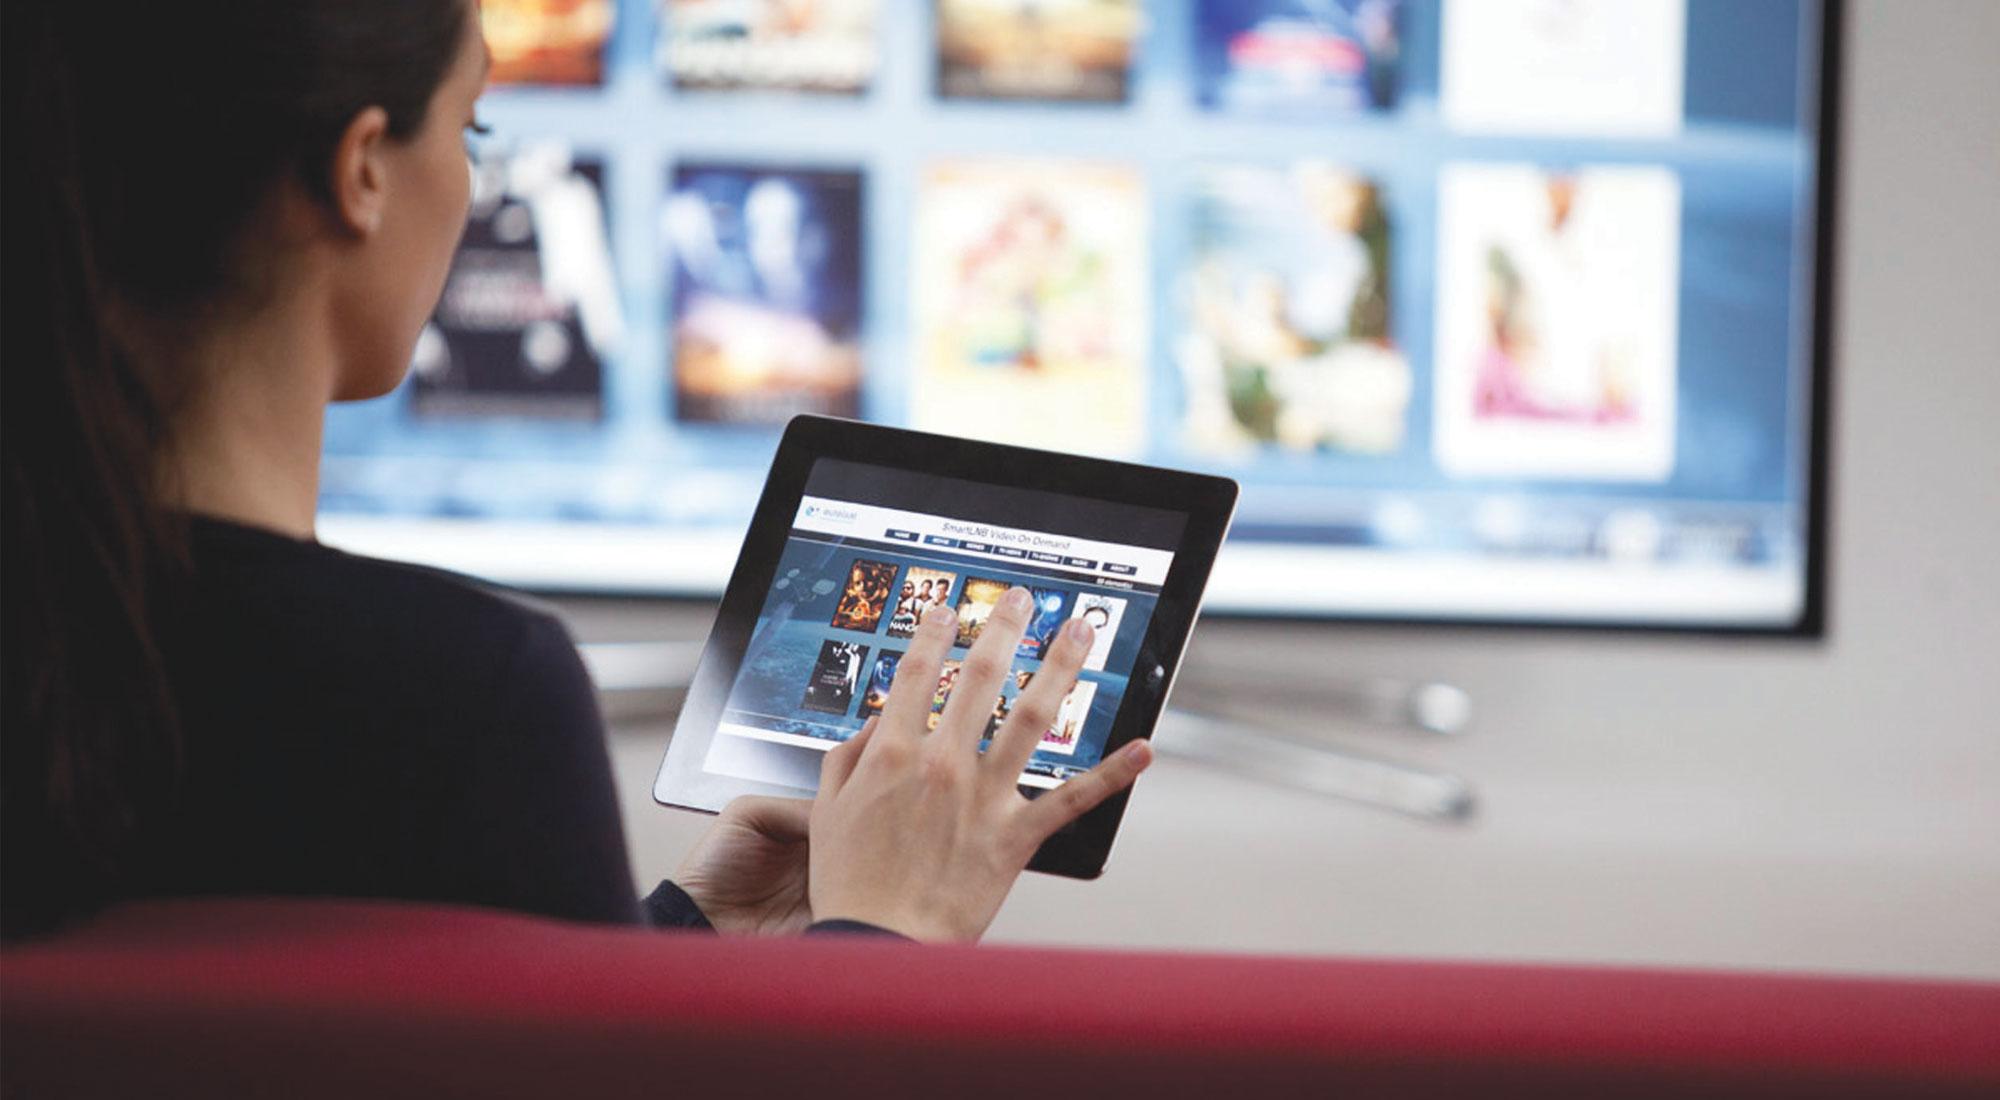 Мировой тренд. ТВ и интернет враги или лучшие друзья?